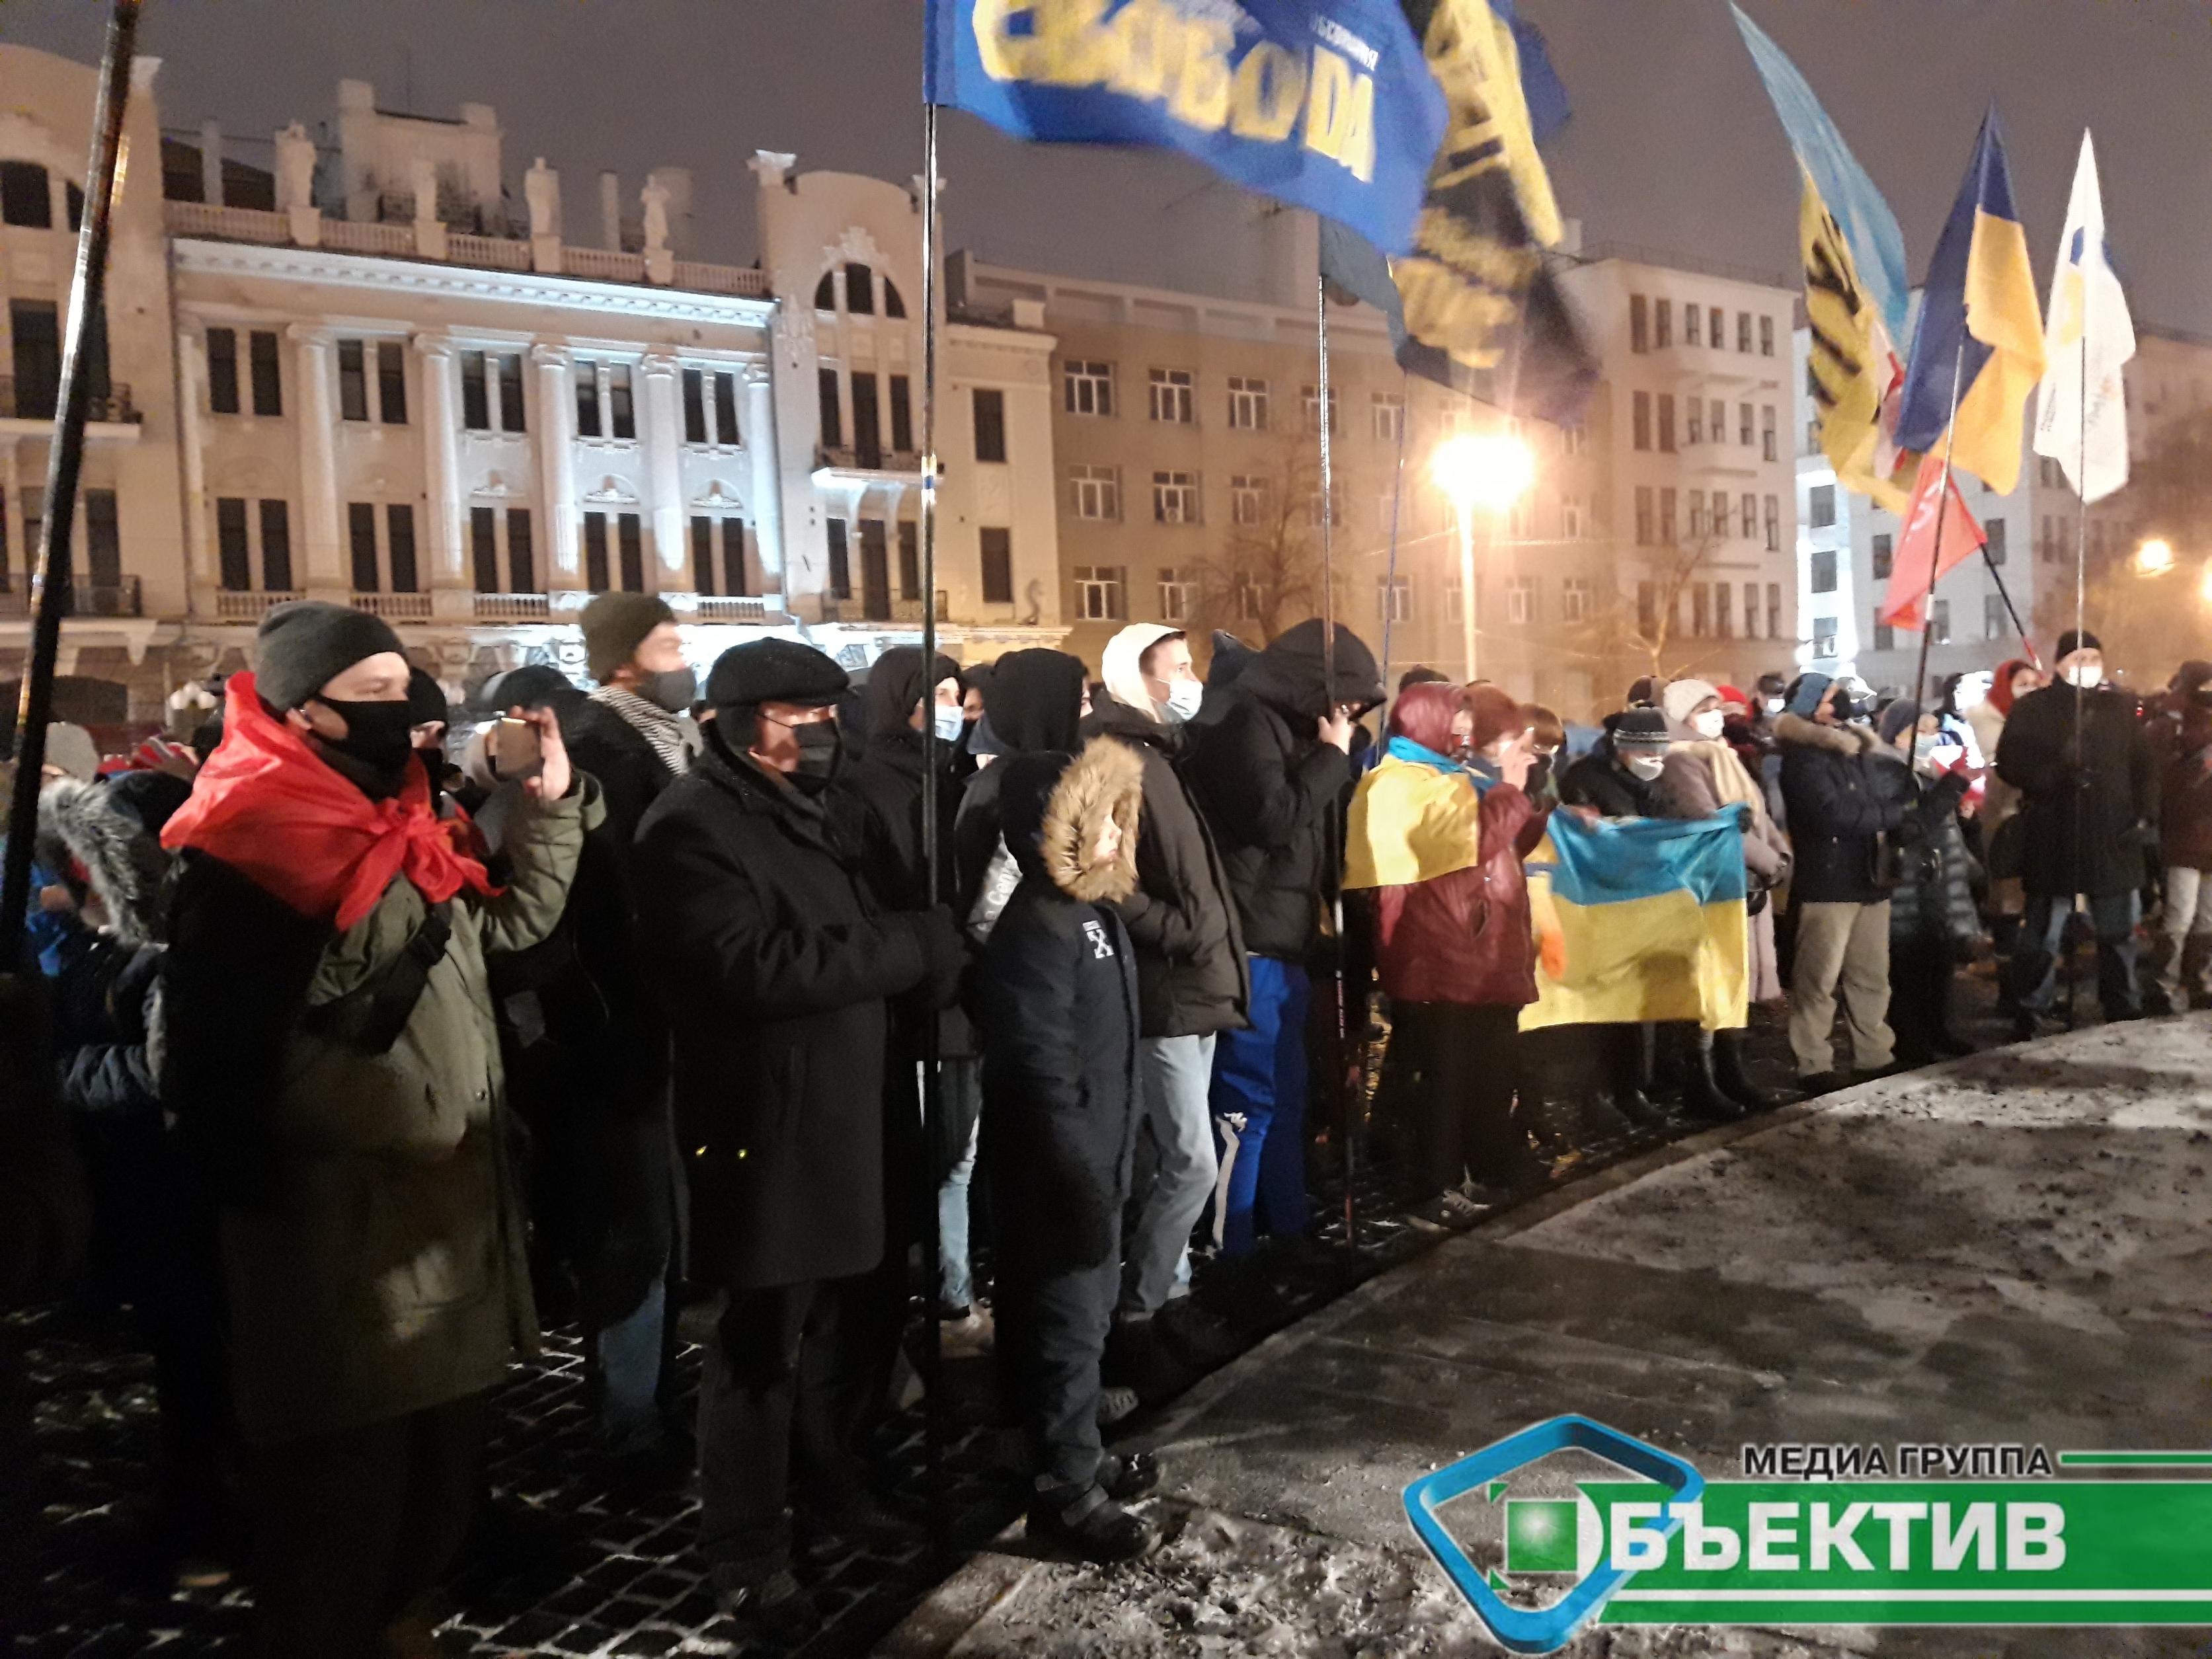 До сьомої річниці Євромайдану харківські активісти висунули 7 вимог владі